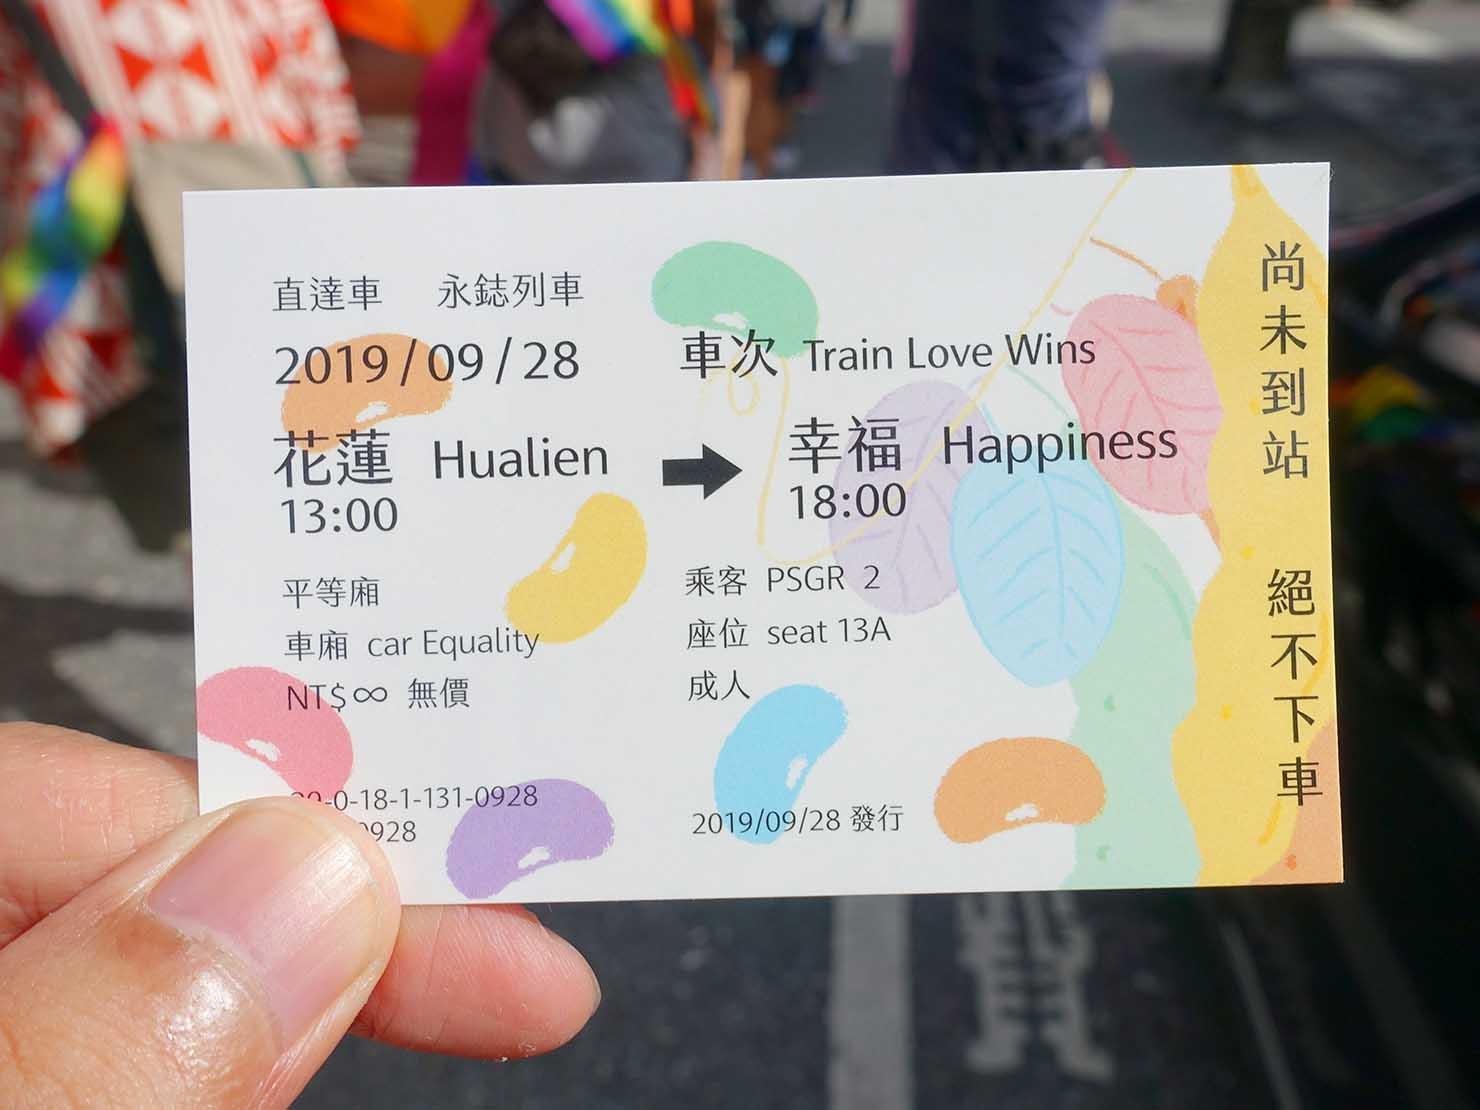 花東彩虹嘉年華(台湾東部LGBTプライド)のパレードでもらったステッカー